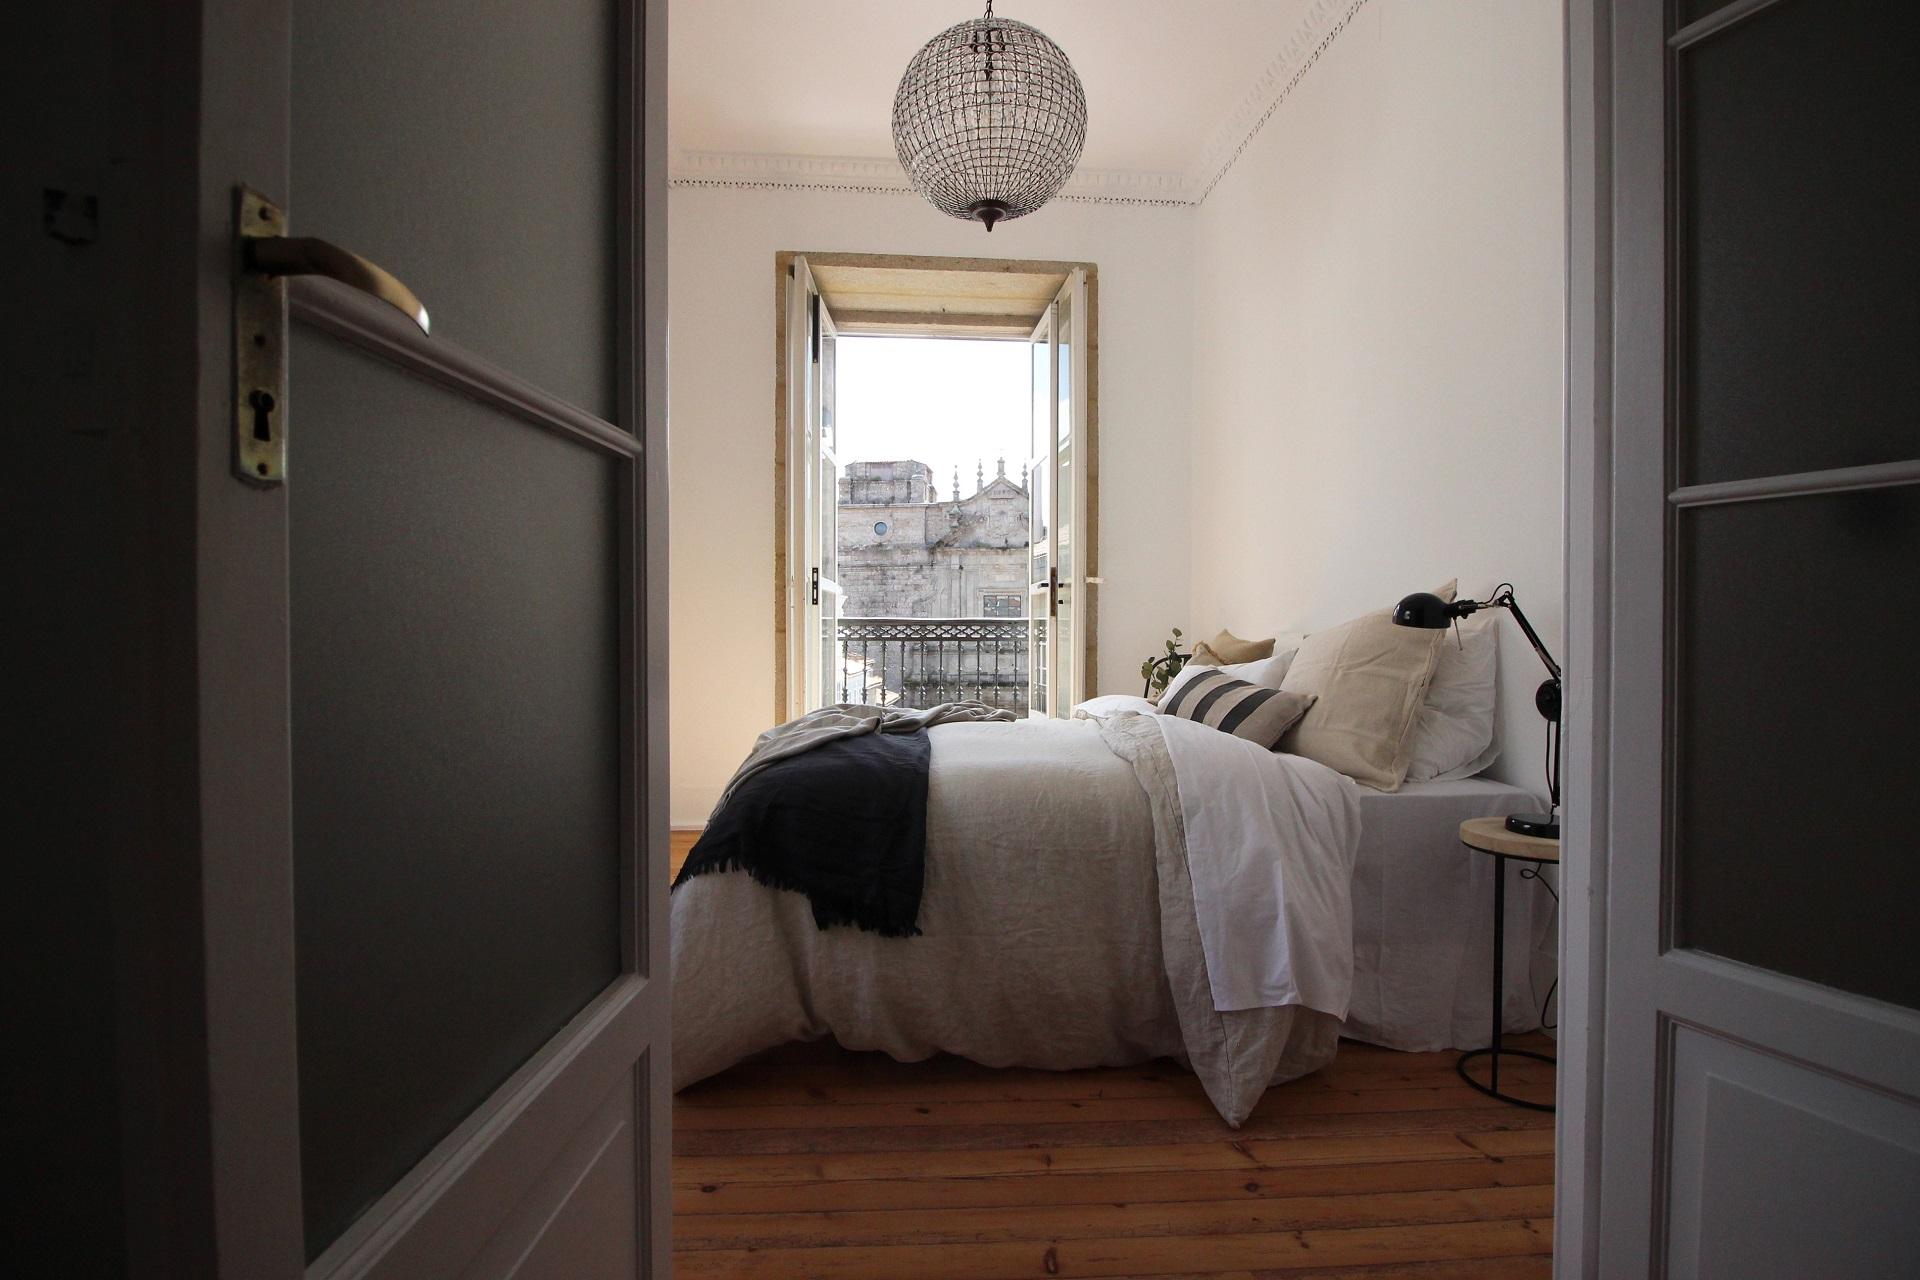 Dormitorio en reforma casa antigua Santiago Interiores